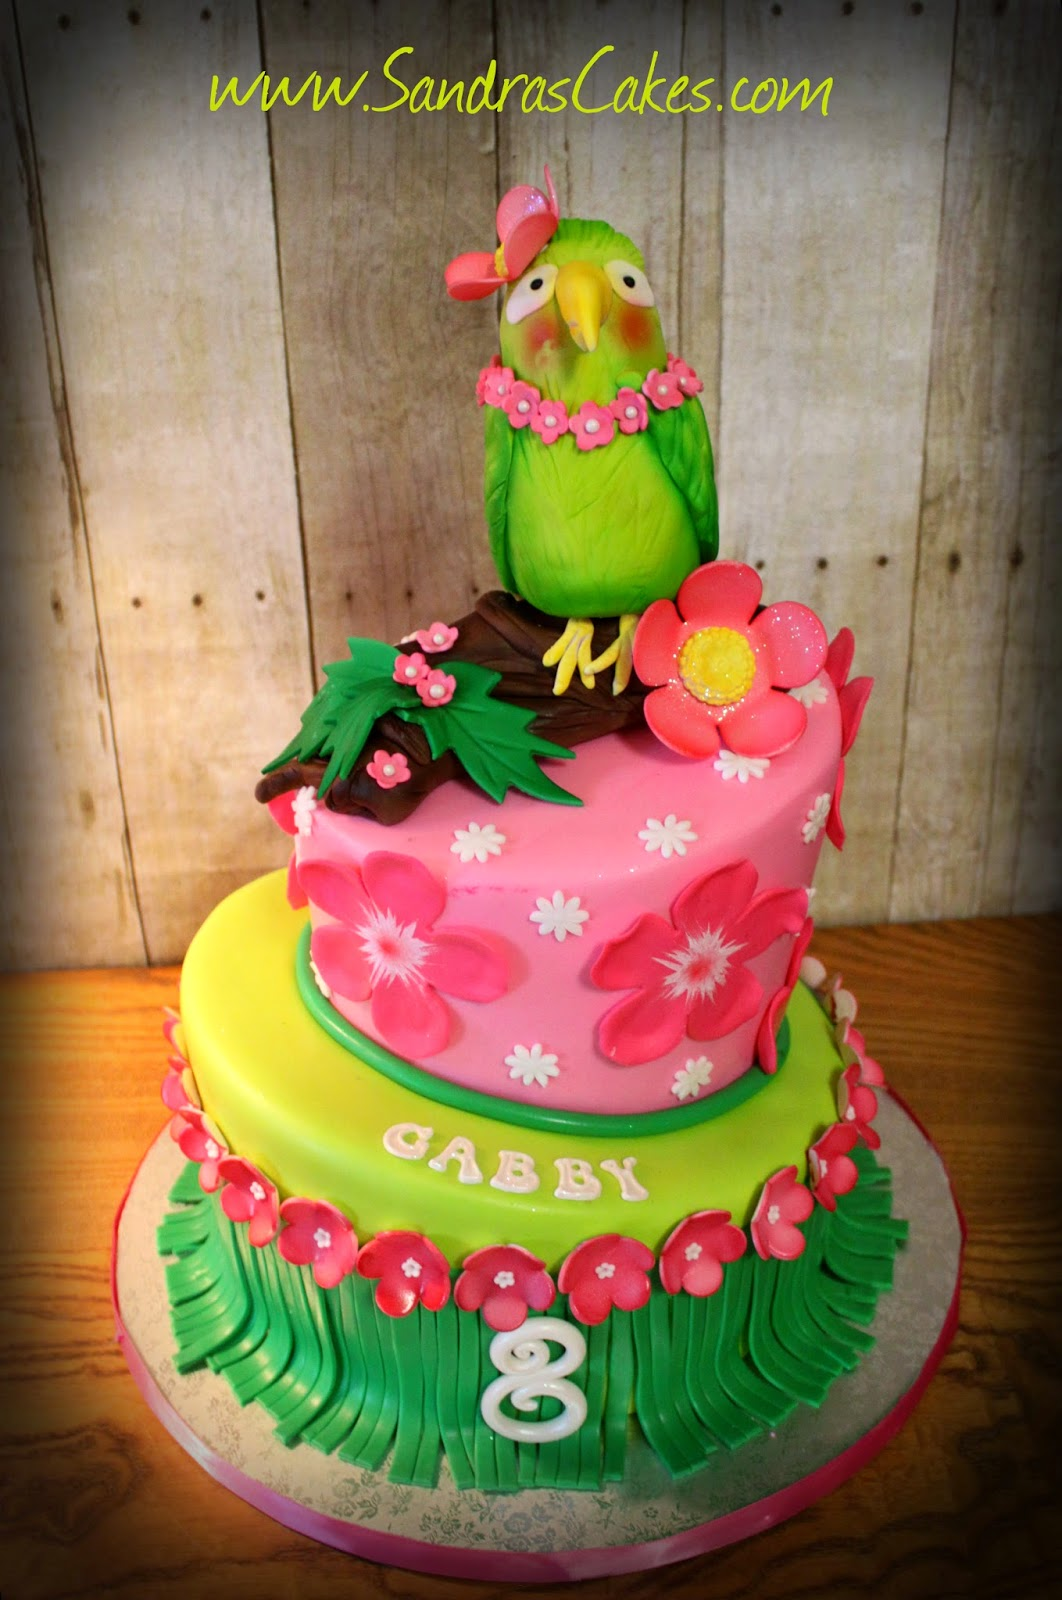 Gabbys Luau Birthday Cake